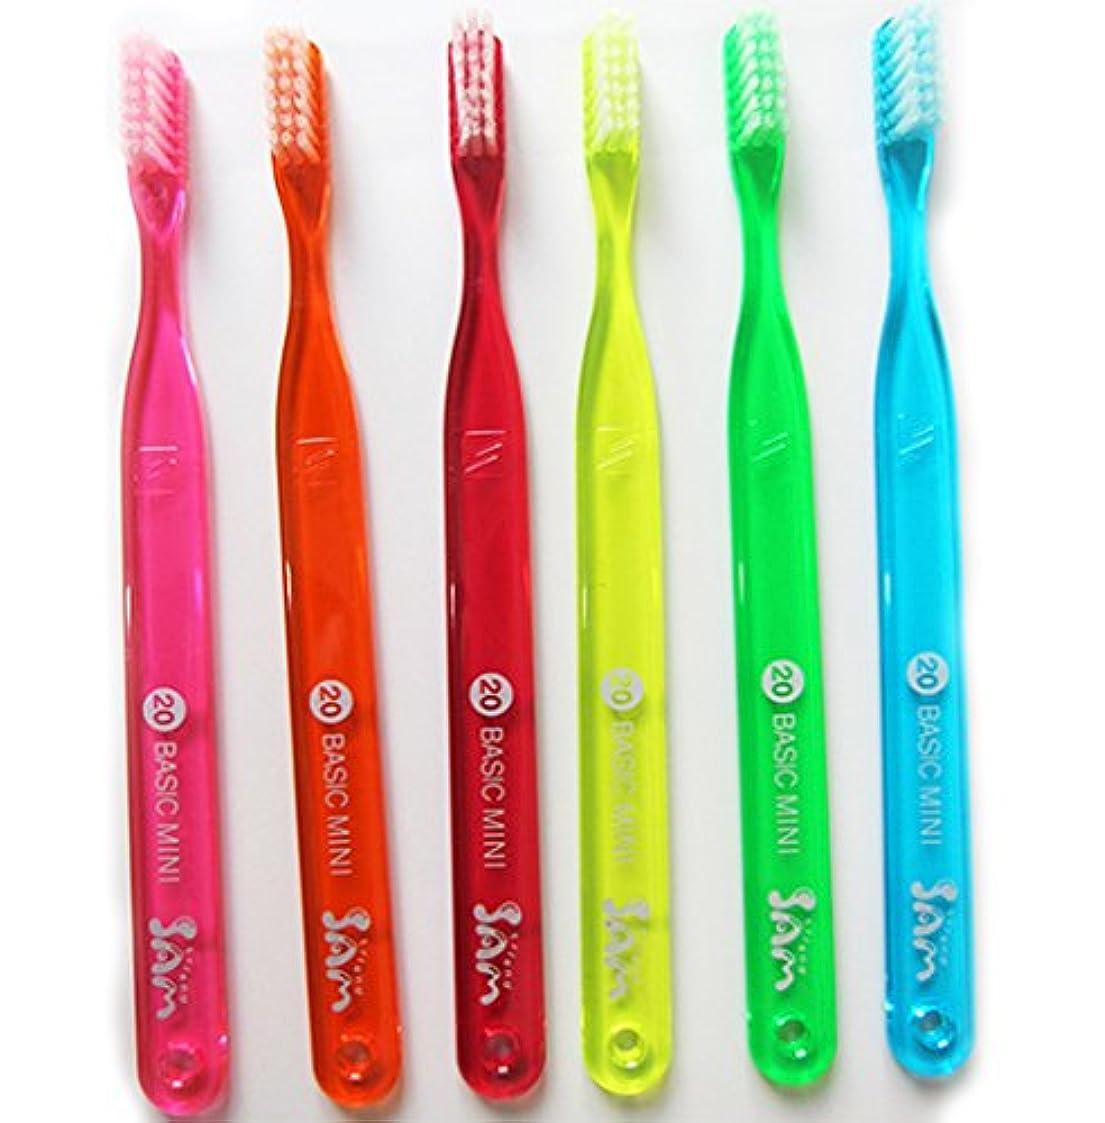 半円解釈実り多いサムフレンド 【歯ブラシ】【サムフレンド 20】【6本】サムフレンド歯ブラシ20 BASIC MEDIUM Mini 6色セット【歯科